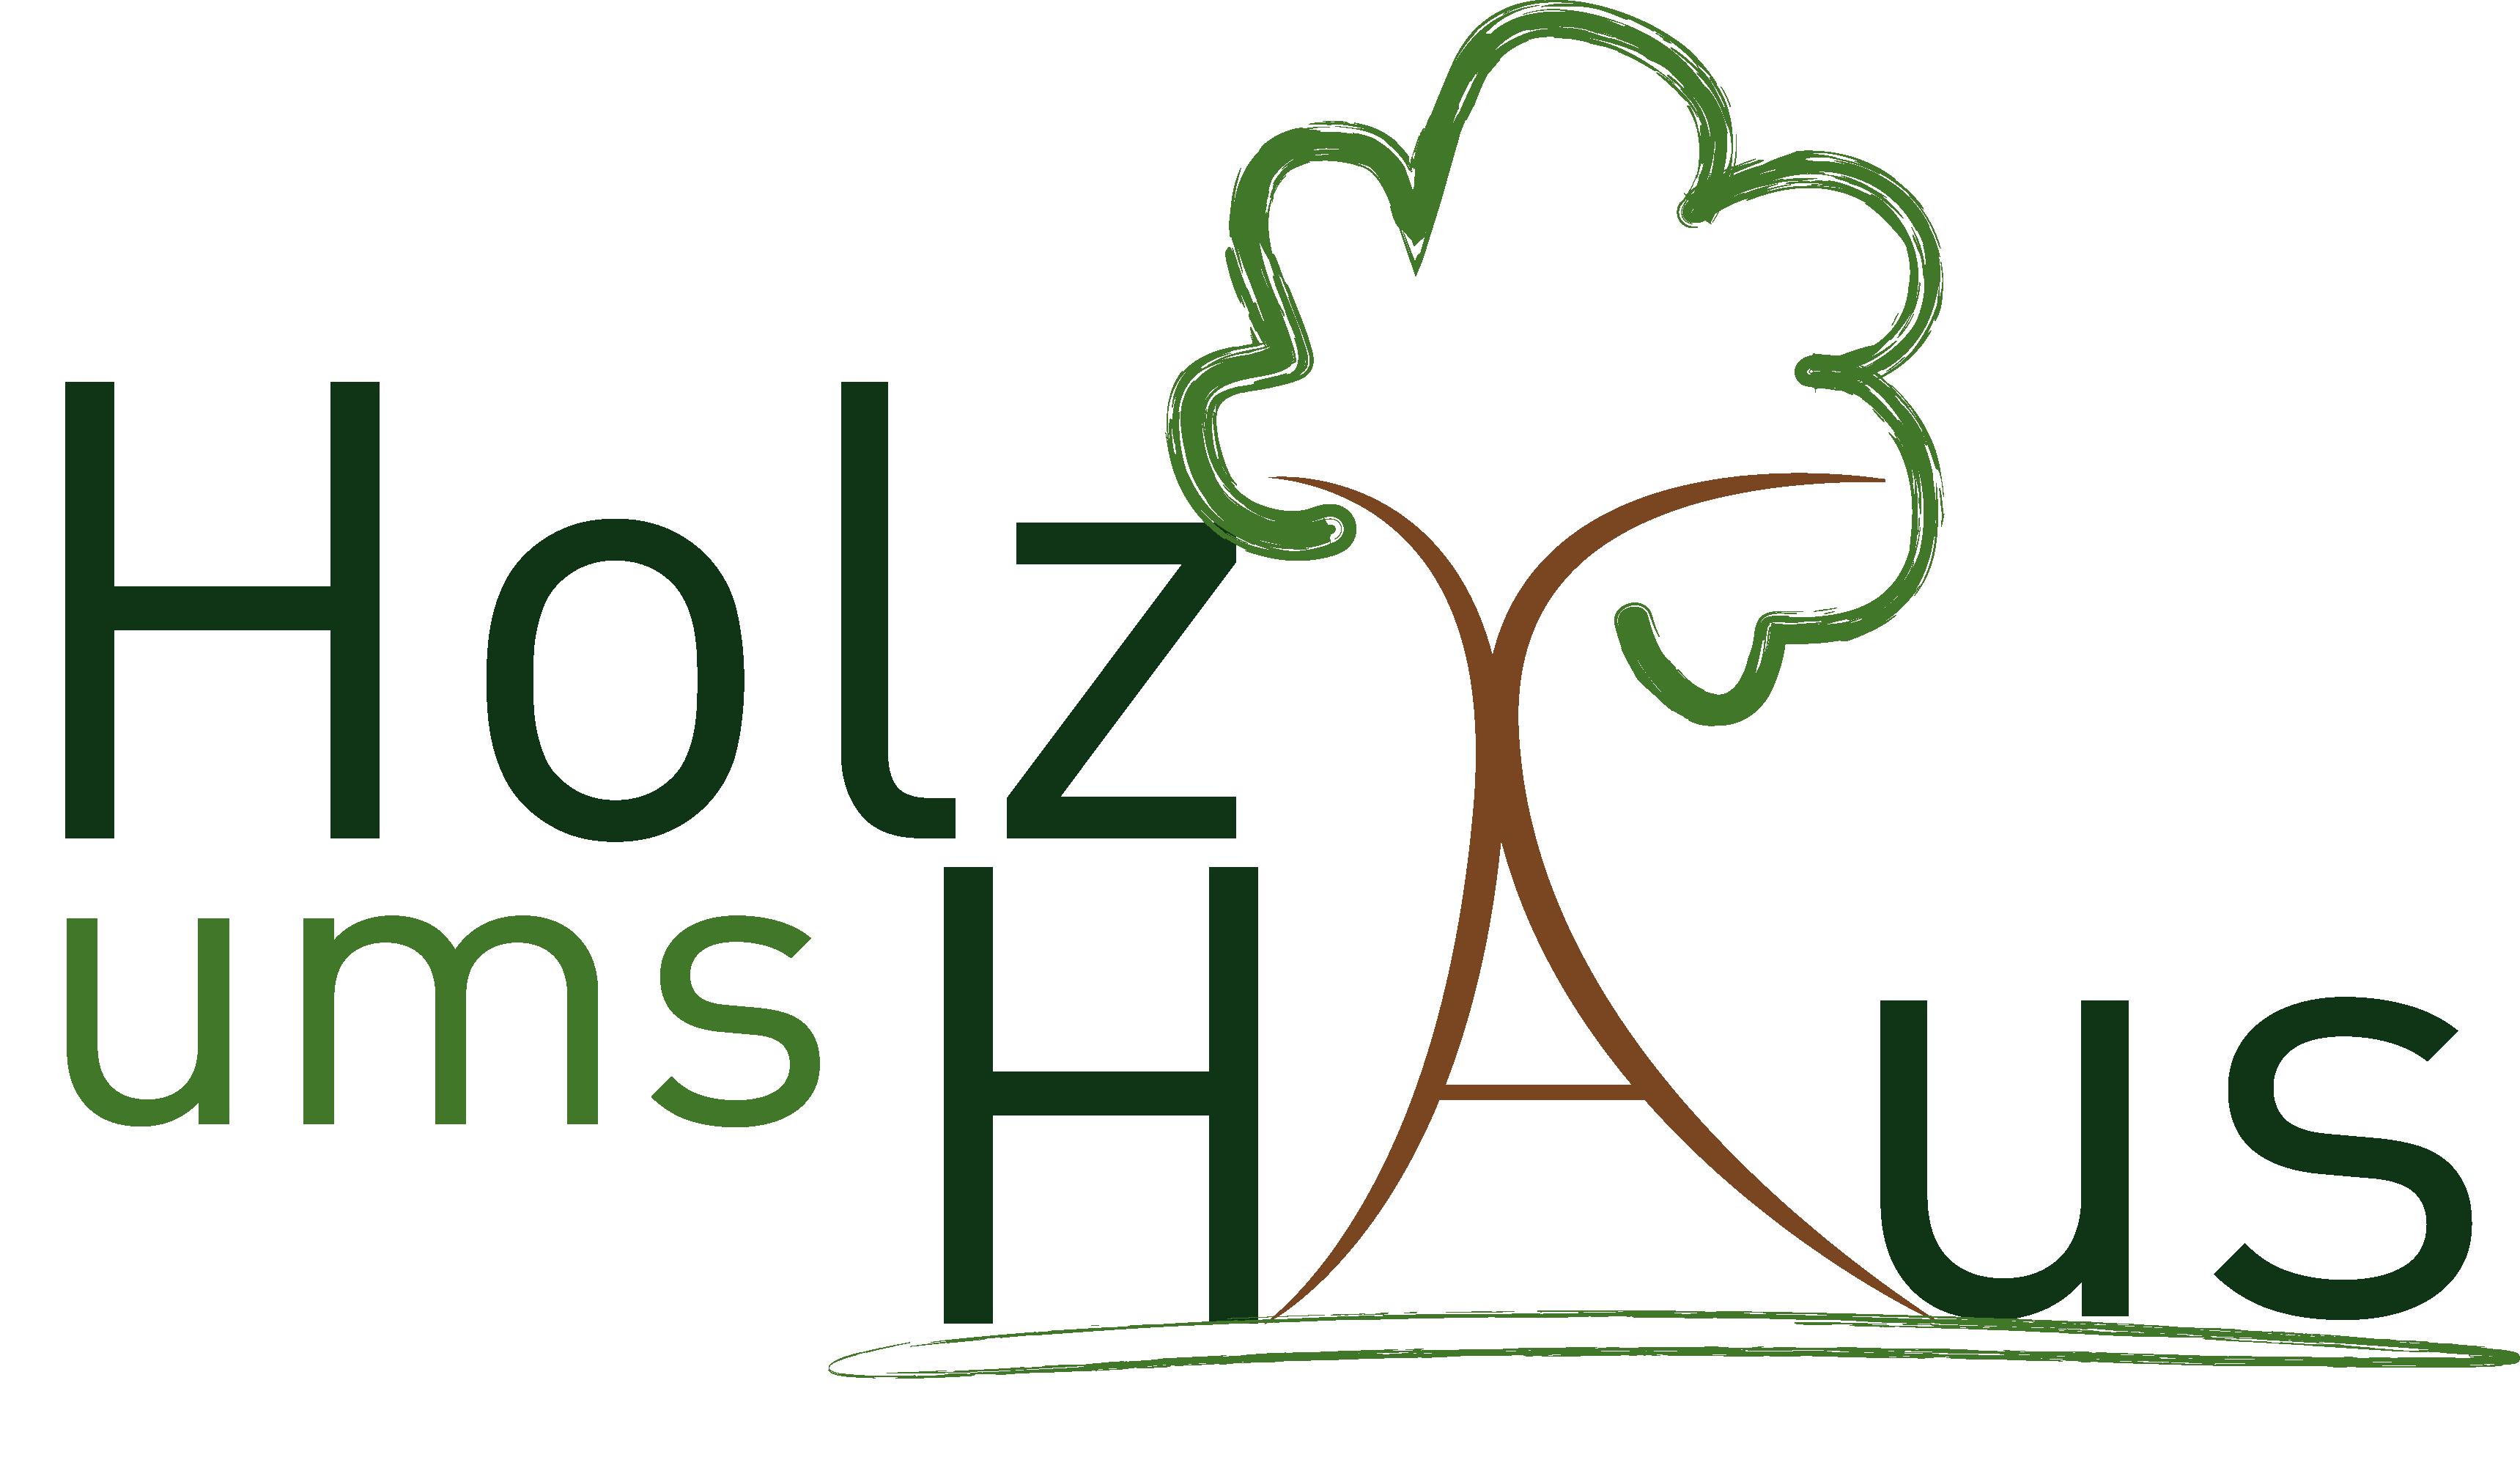 shop.holzumshaus.de